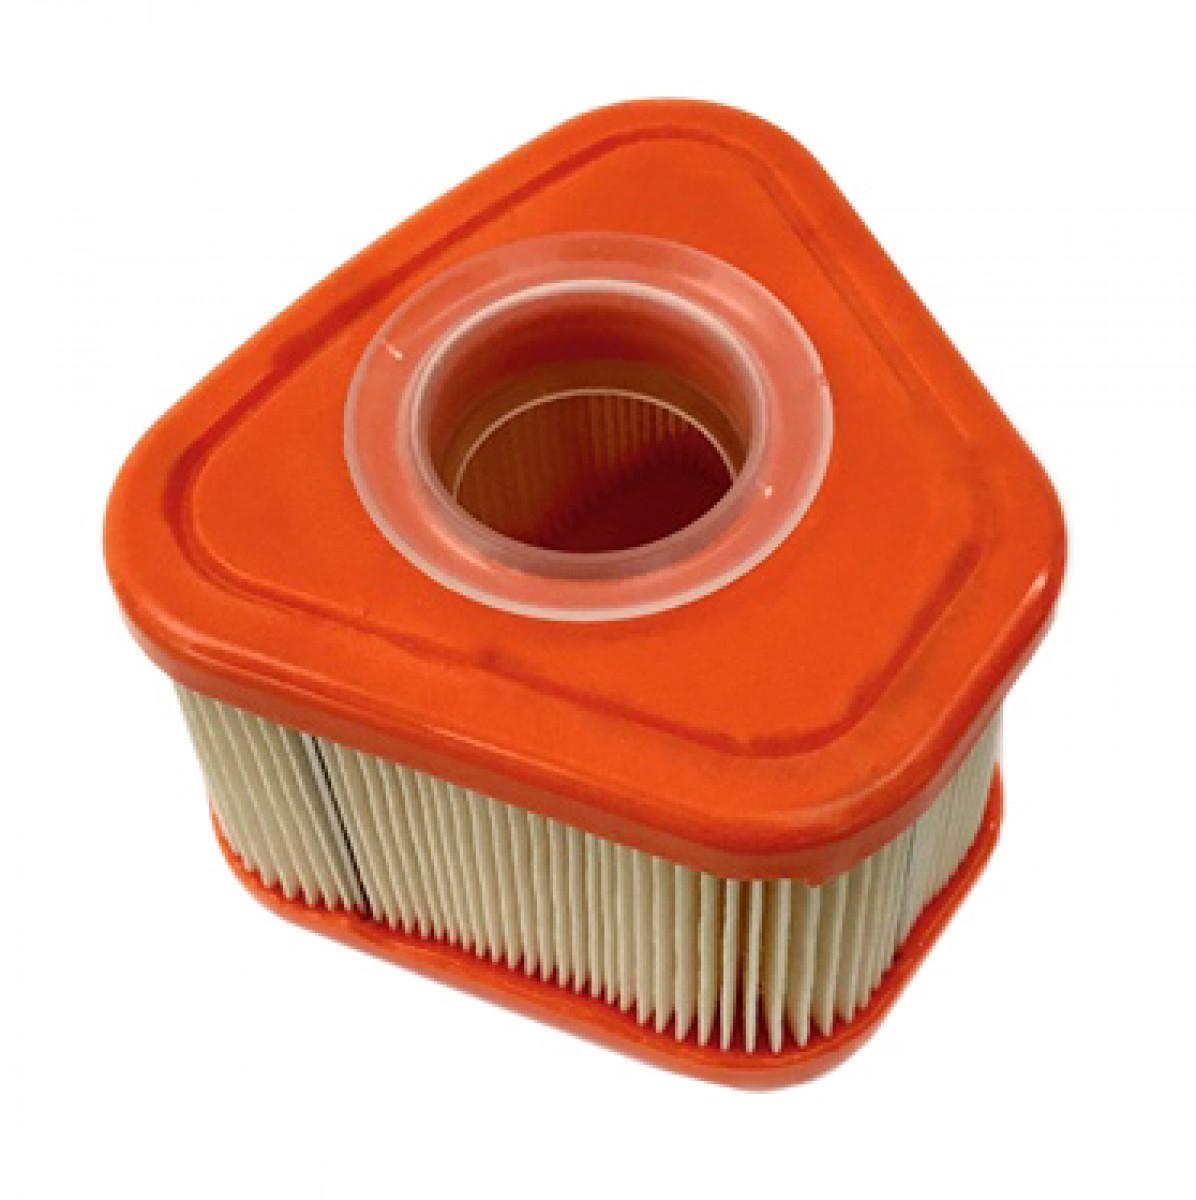 Vzduchový filtr BRIGGS&STRATTON SERIA 850 - Originální díl 597265